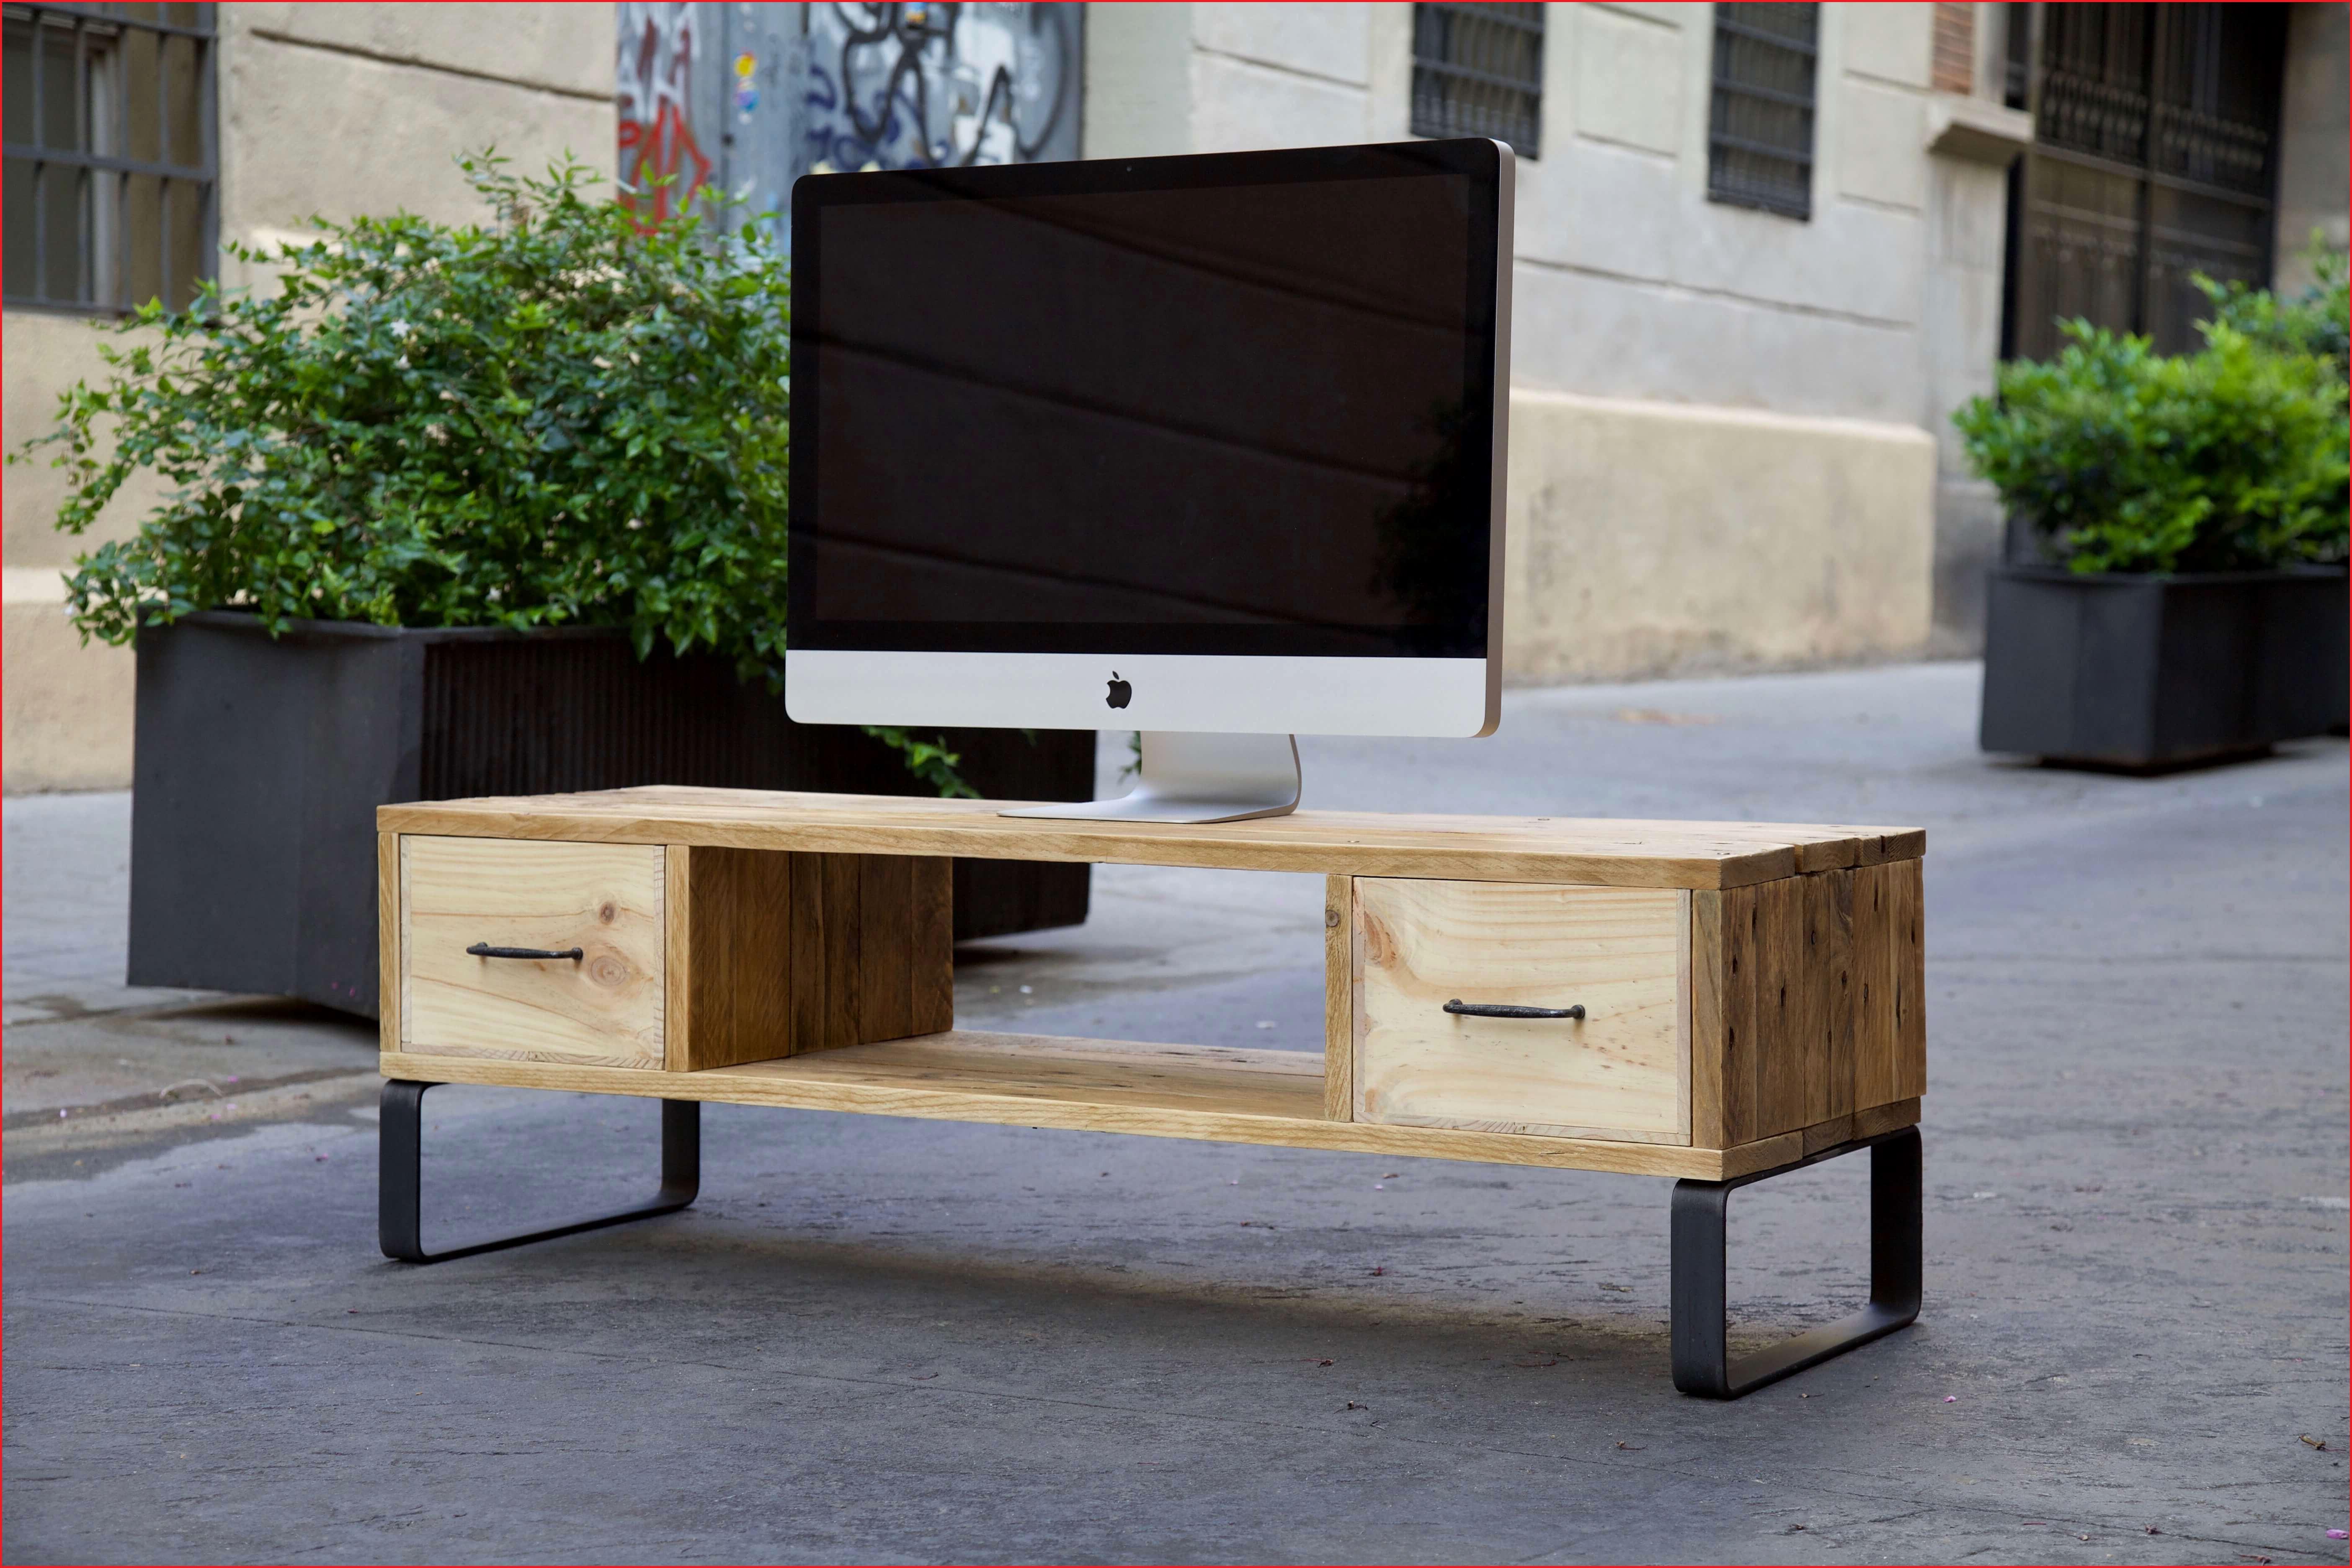 Muebles De Terraza Segunda Mano Zwd9 Muebles Terraza Segunda Mano Muebles De Terraza Segunda Mano